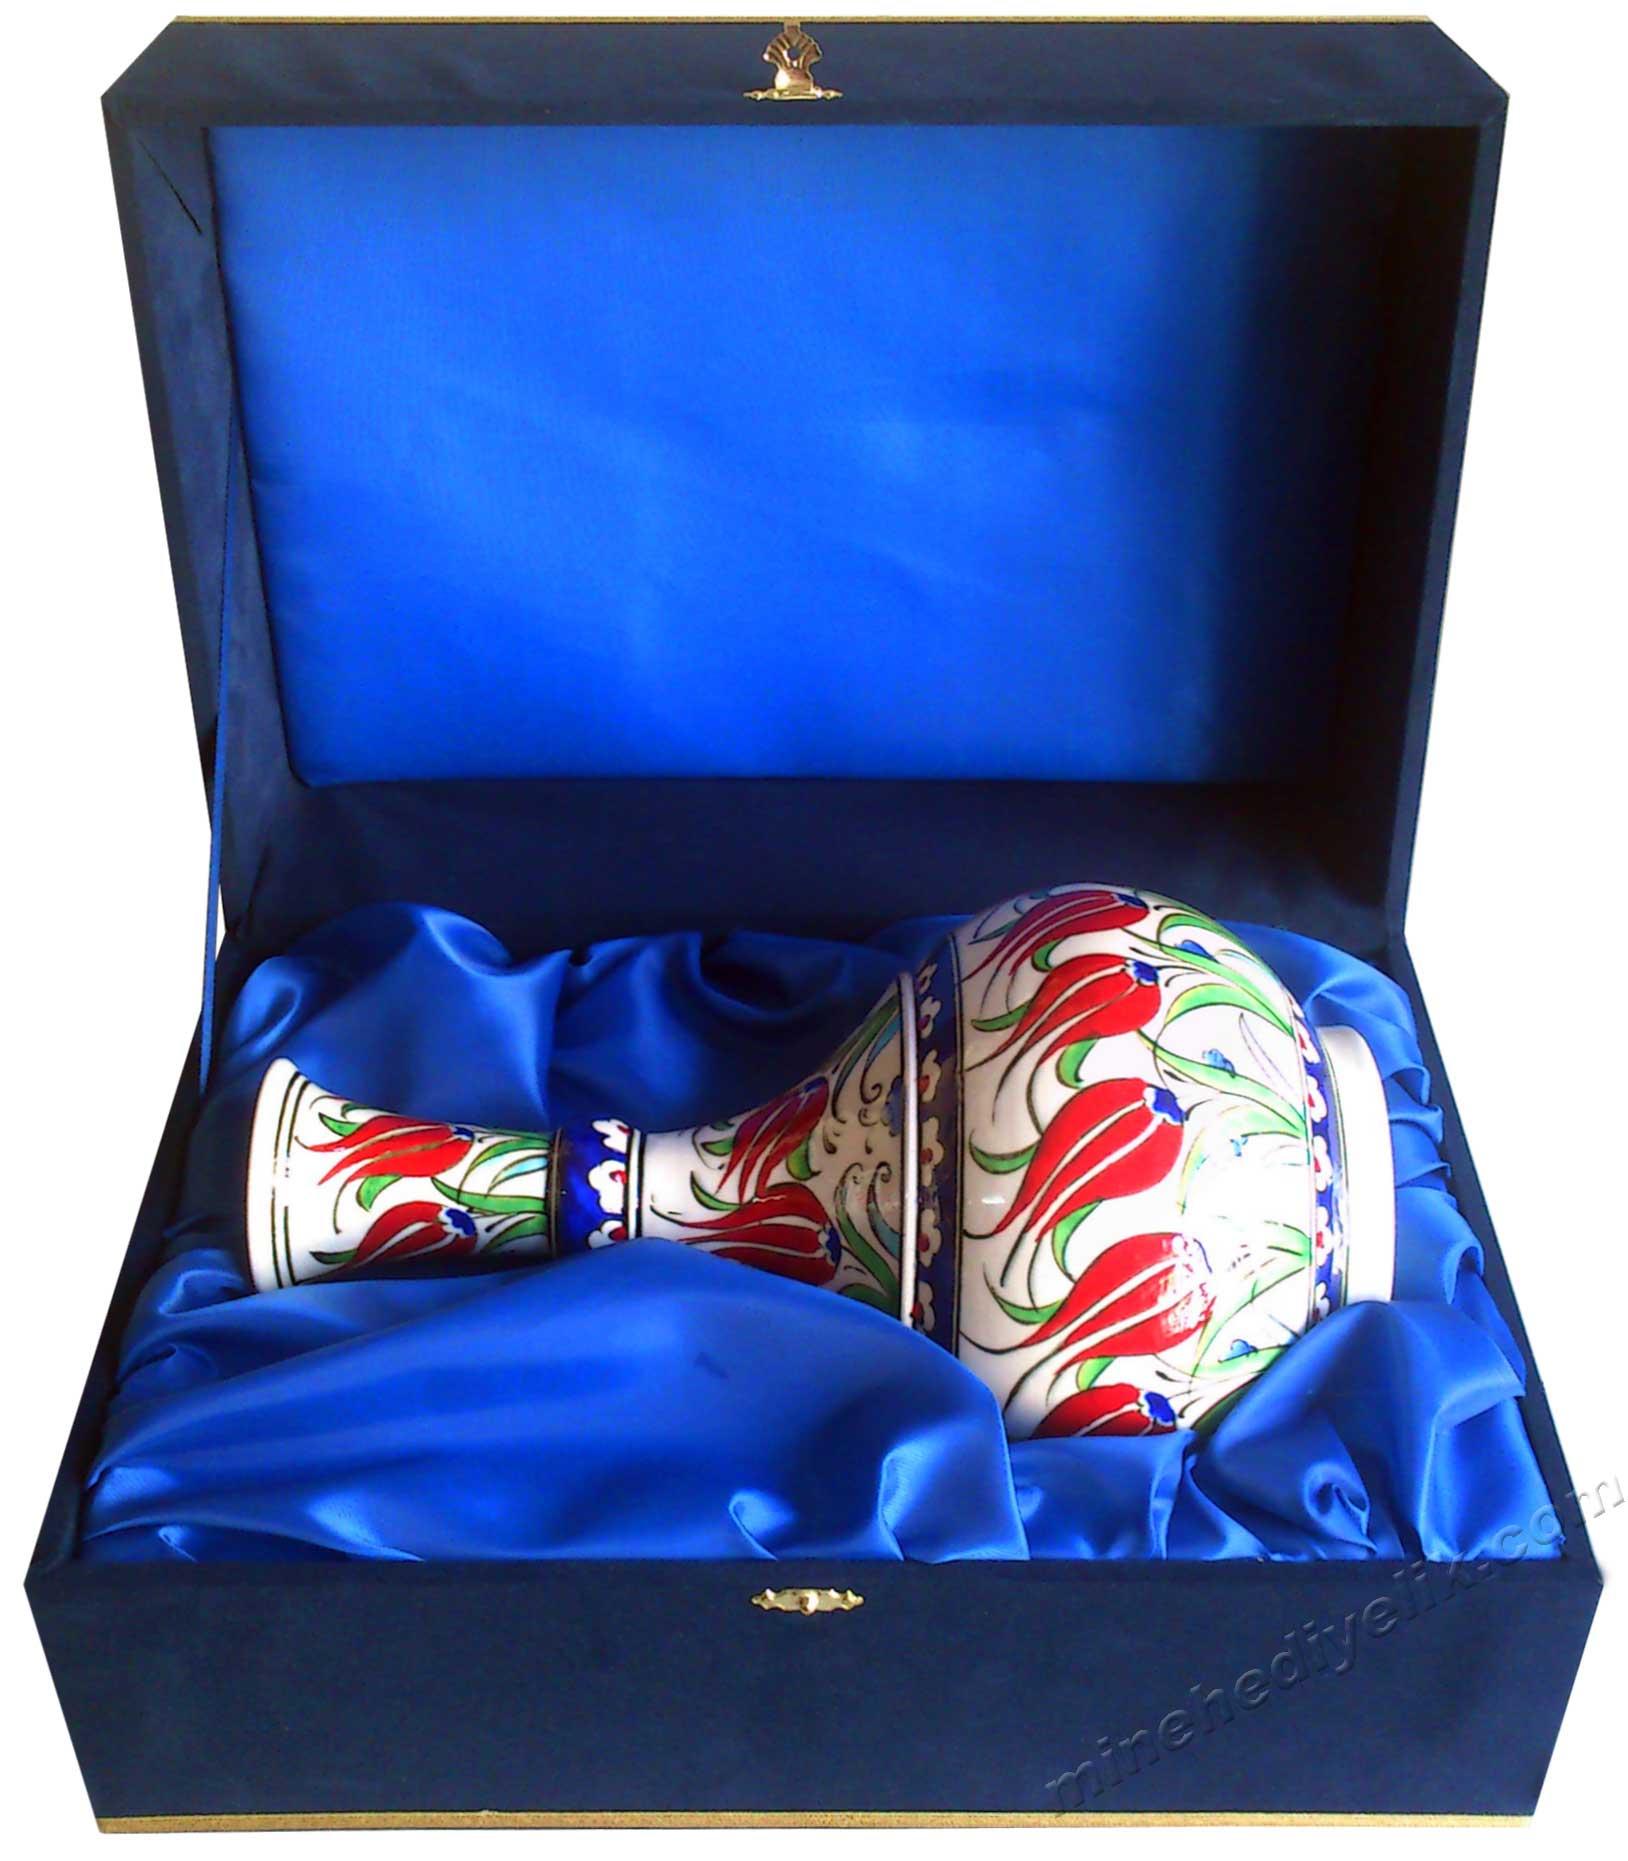 İznik Kütahya Çini Vazoları Çini  Vazolarda Açan Çiçekler  En Değerli Geleneksel Milli Hediyeler . Bize özgü, bizi hatırlatan yıllarca akılda kalan hediyeler vazo ürünleri mavi beyaz vazo motifleri